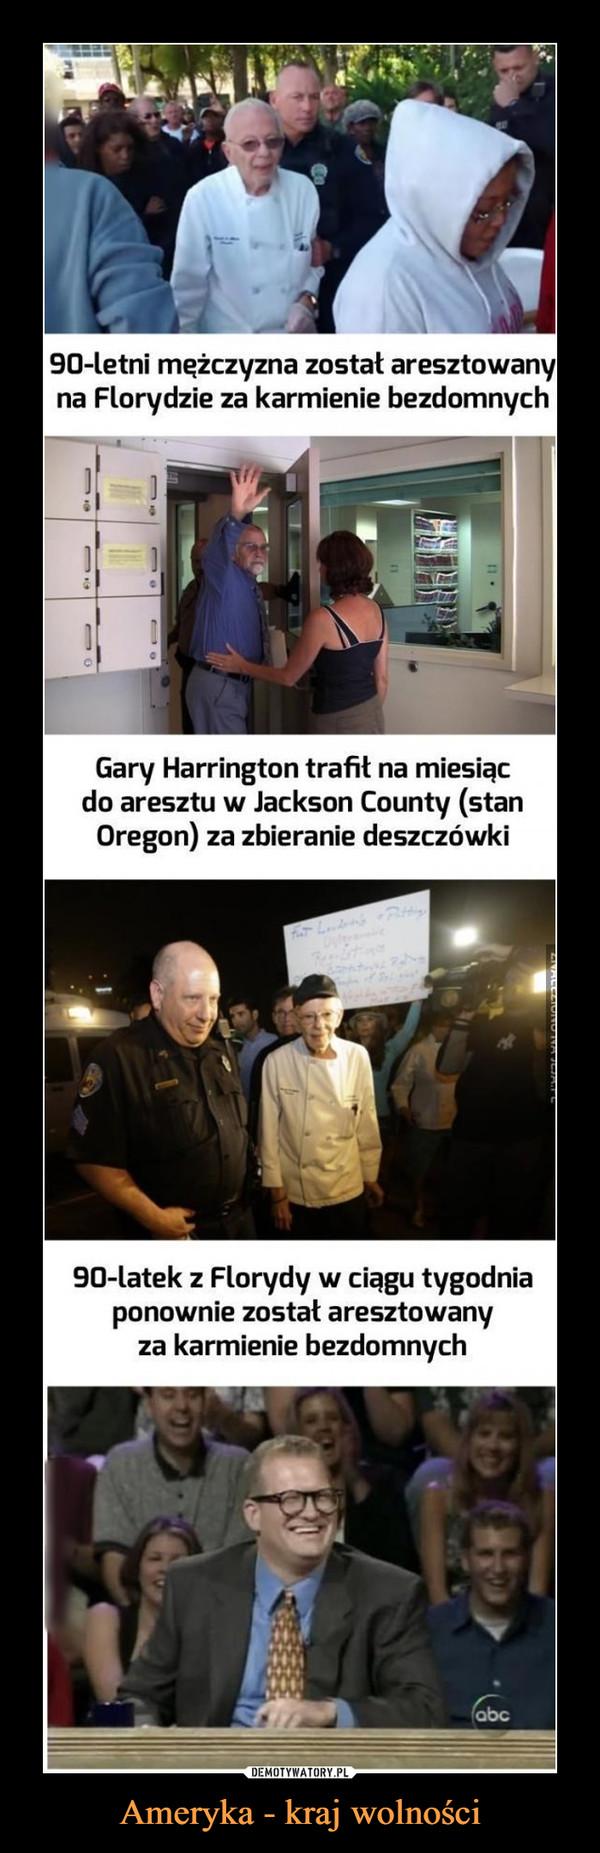 Ameryka - kraj wolności –  90-letni mężczyzna został aresztowany na Florydzie za karmienie bezdomnych Gary Harrington trafił na miesiąc do aresztu w Jackson County (stan Oregon) za zbieranie deszczówki 90-latek z Florydy w ciągu tygodnia ponownie został aresztowany za karmienie bezdomnych